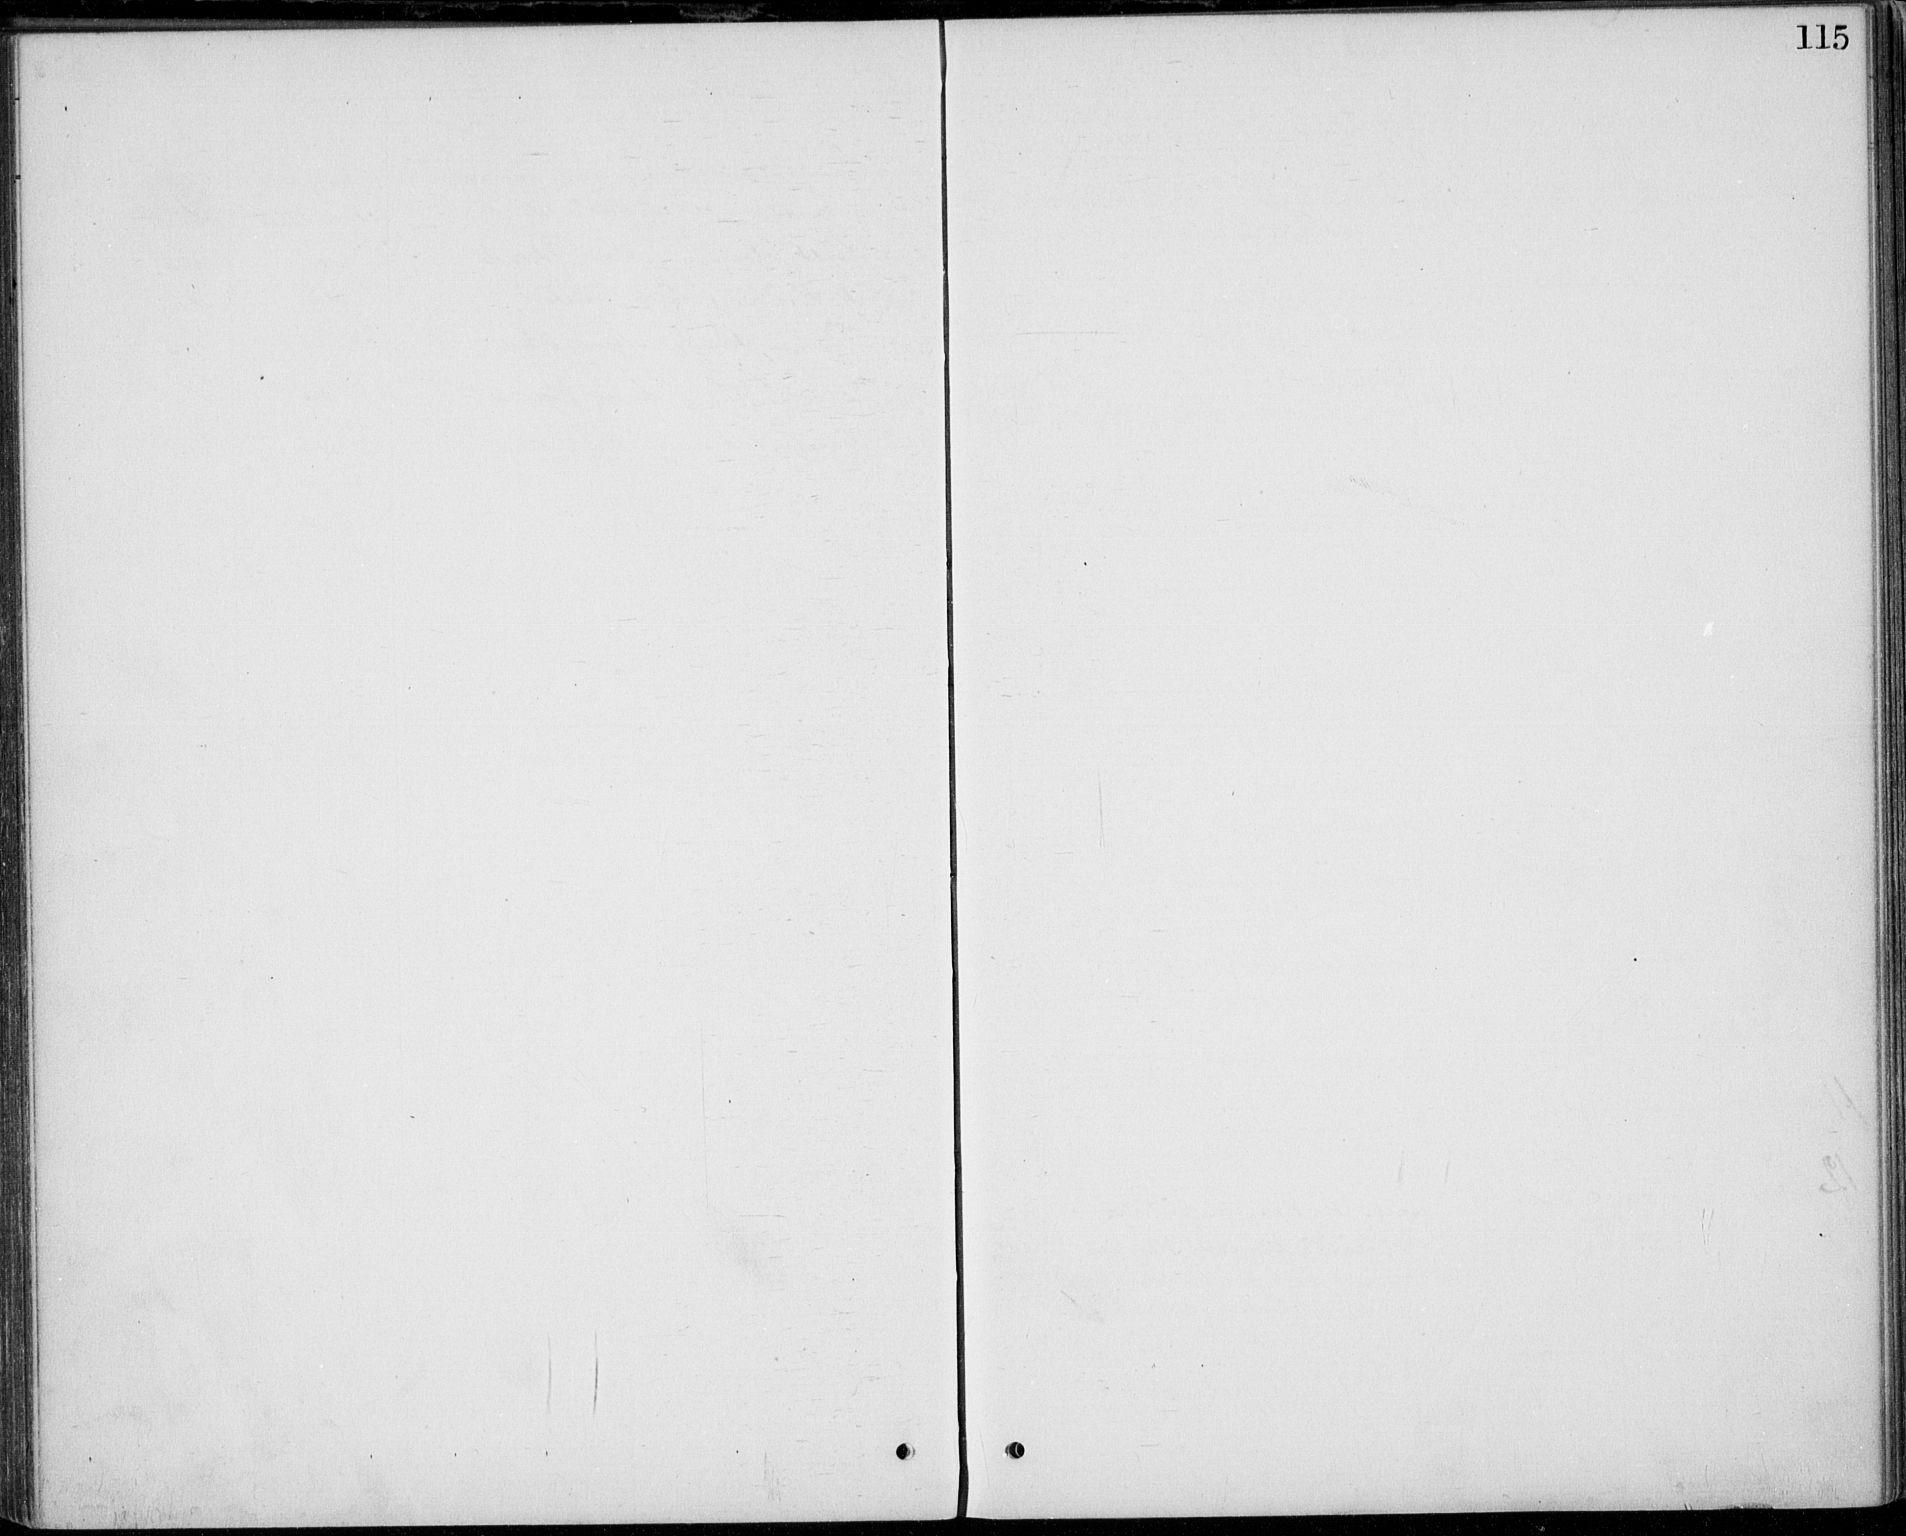 SAH, Lom prestekontor, L/L0013: Klokkerbok nr. 13, 1874-1938, s. 115